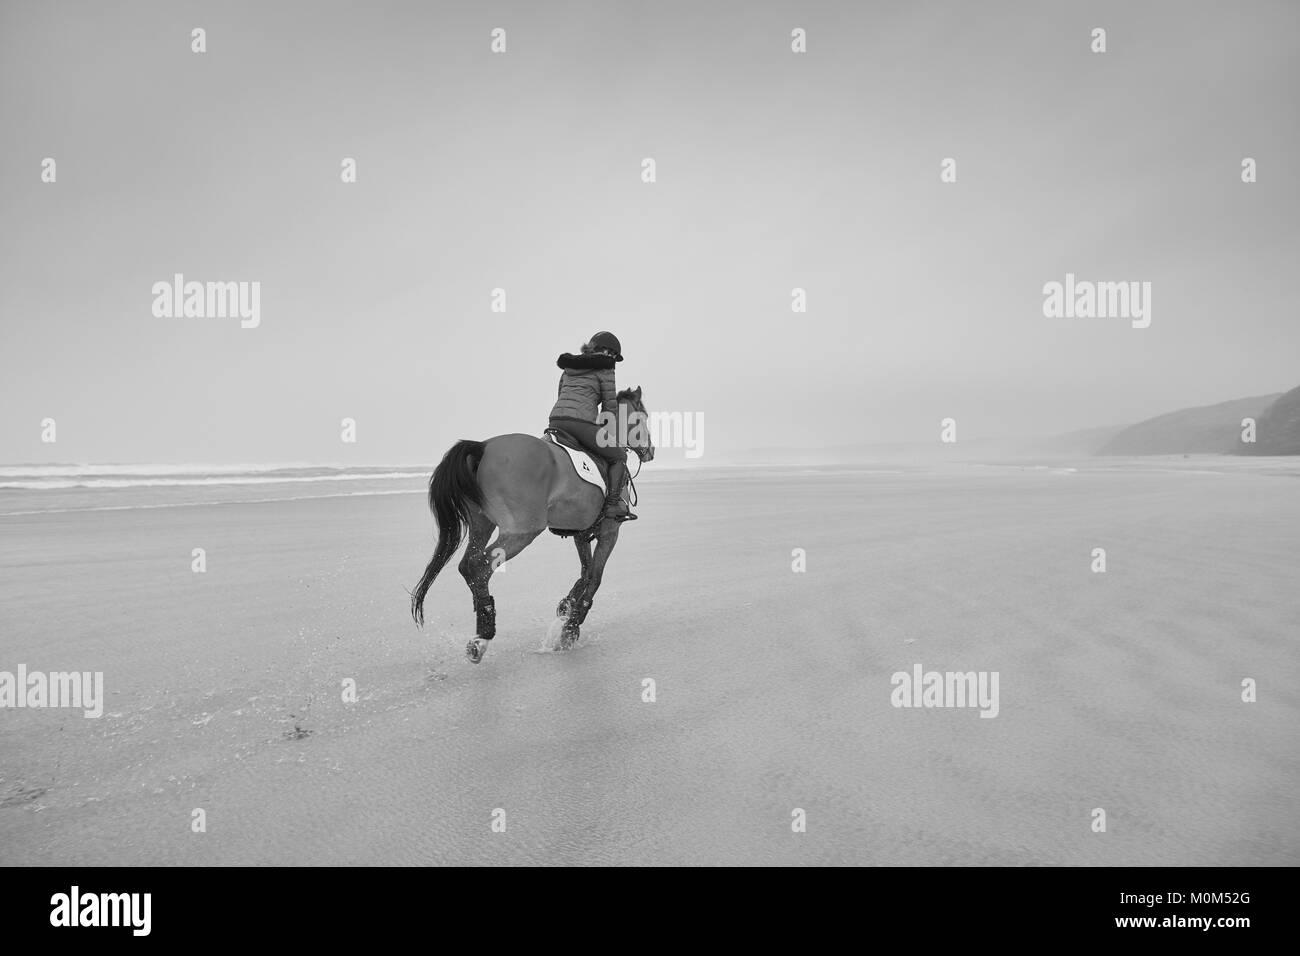 Pferd Reiter von der Kamera entfernt, der Strand bei Ebbe reiten. Schwarz/Weiß-Bild mit einem verdeckt Horizont Stockbild